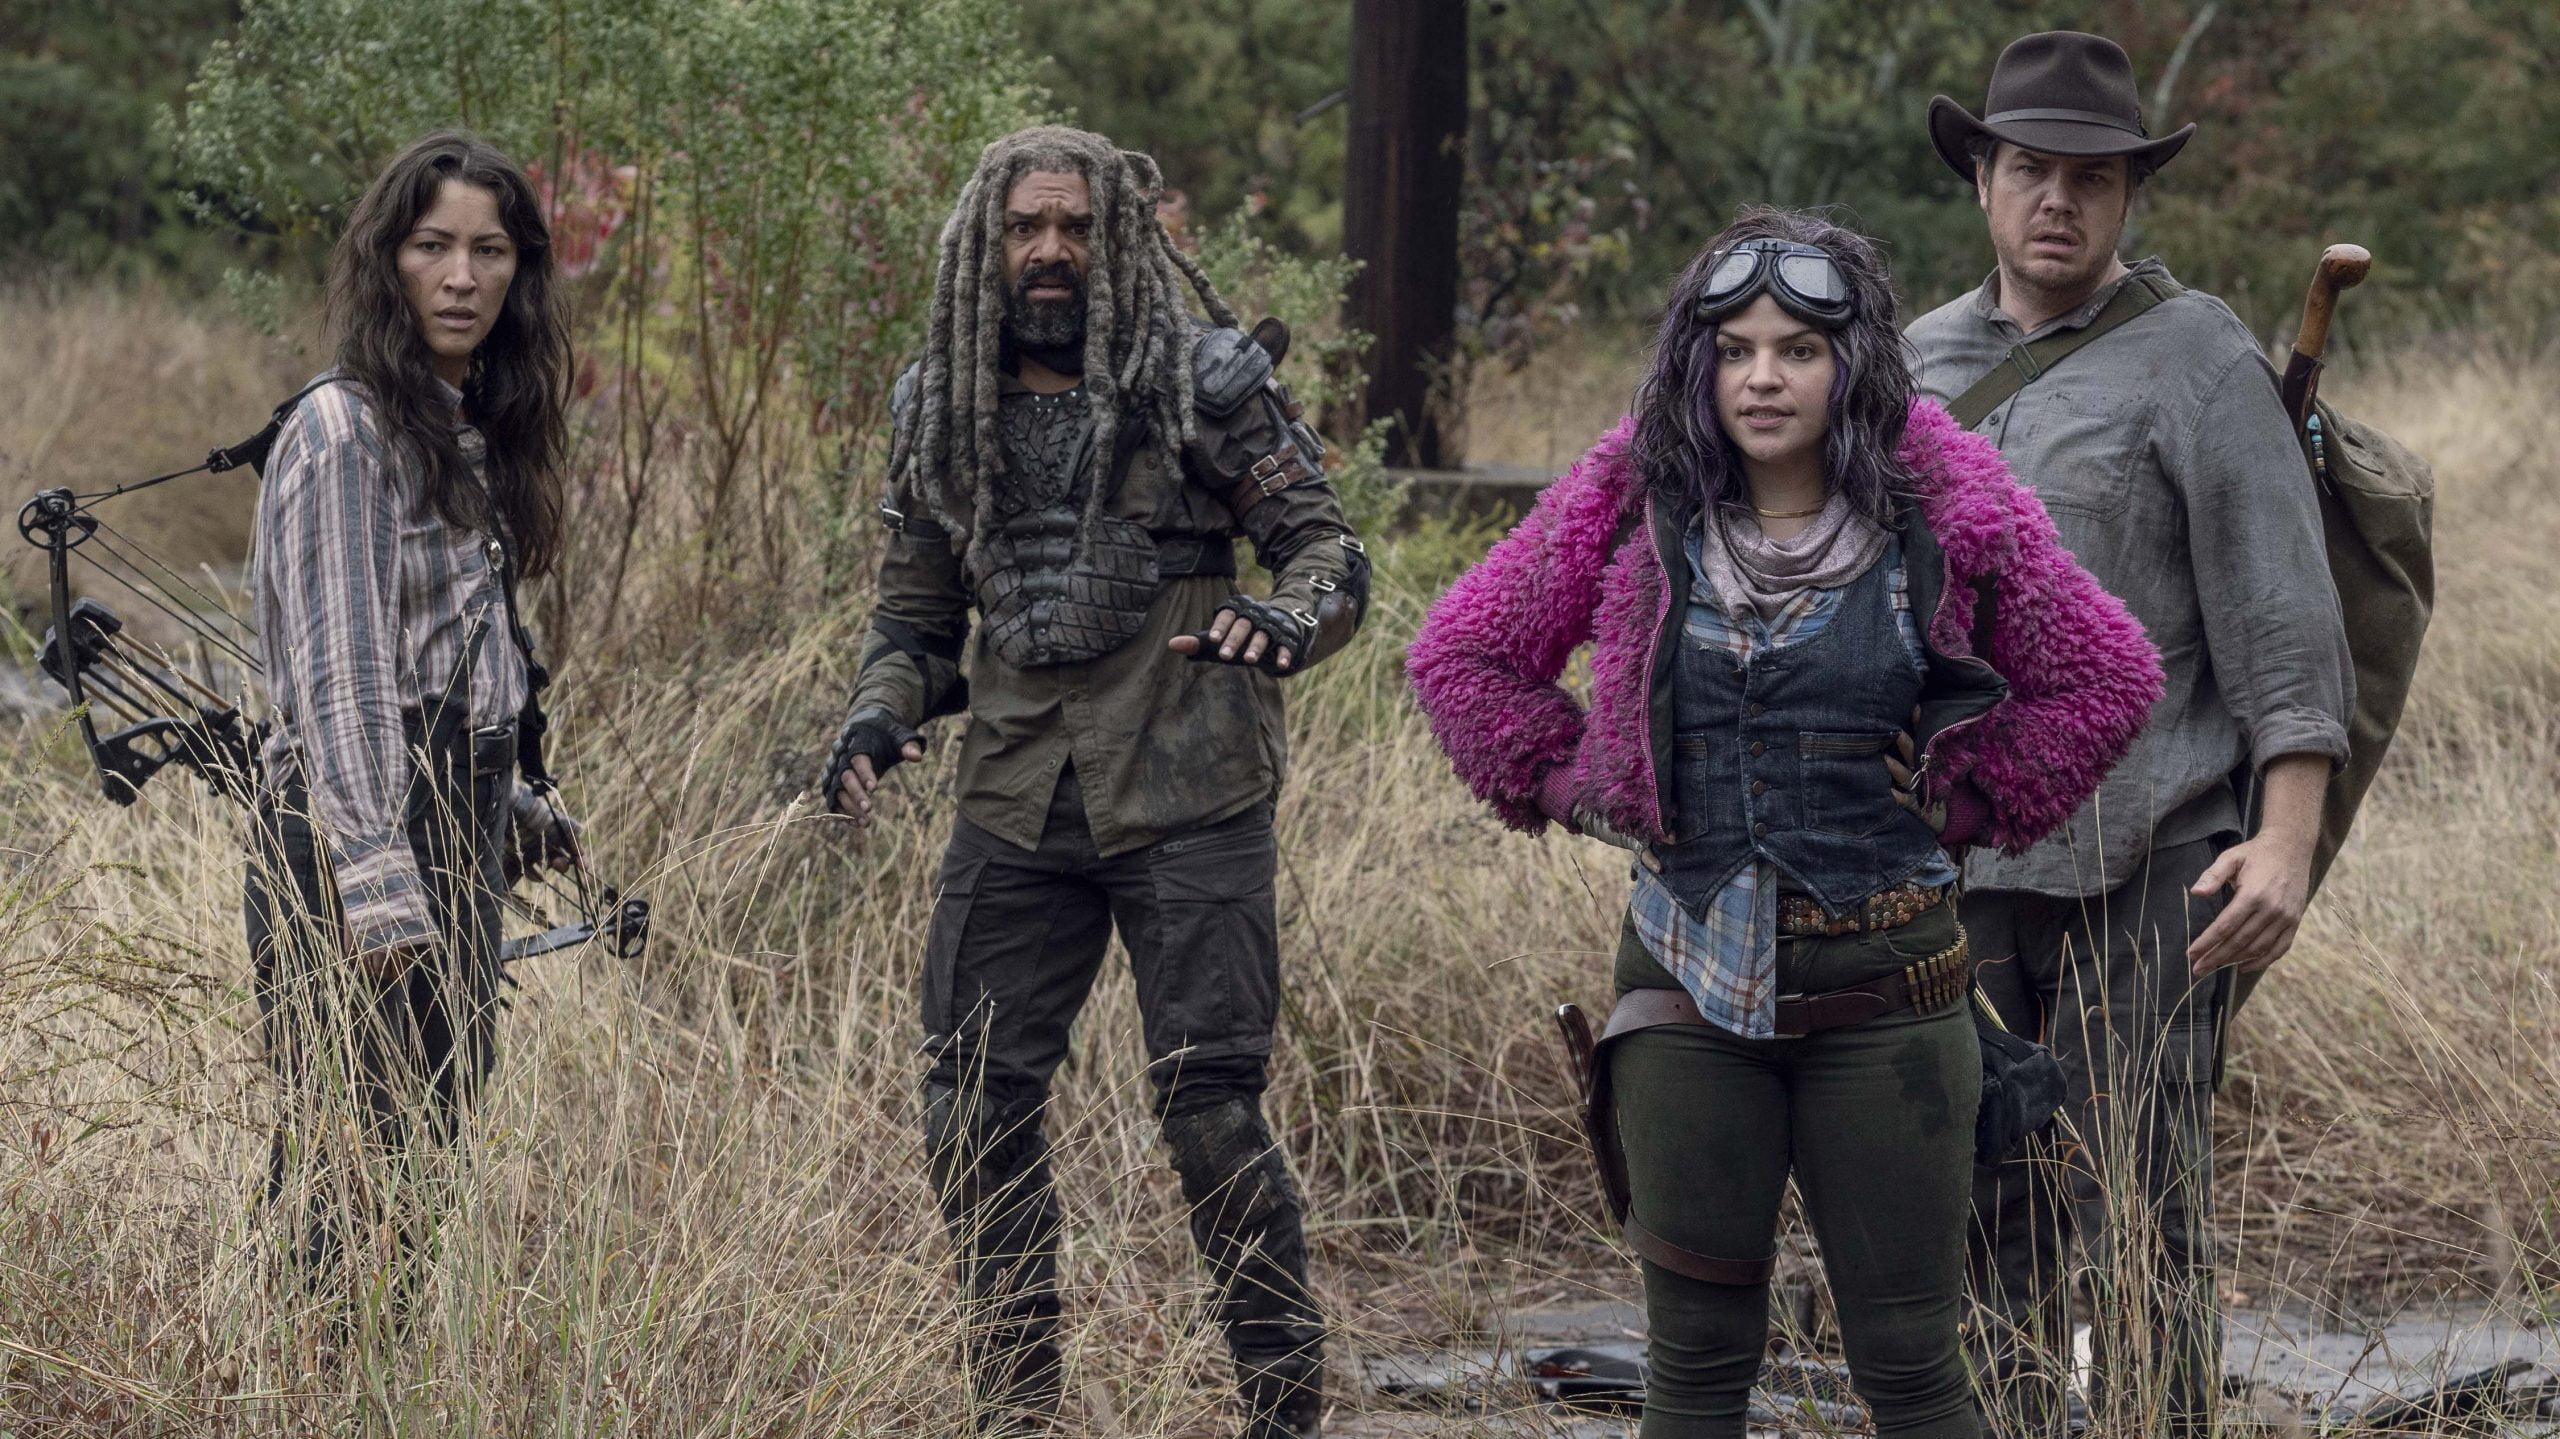 The Walking Dead, will premiere on Binge in March.